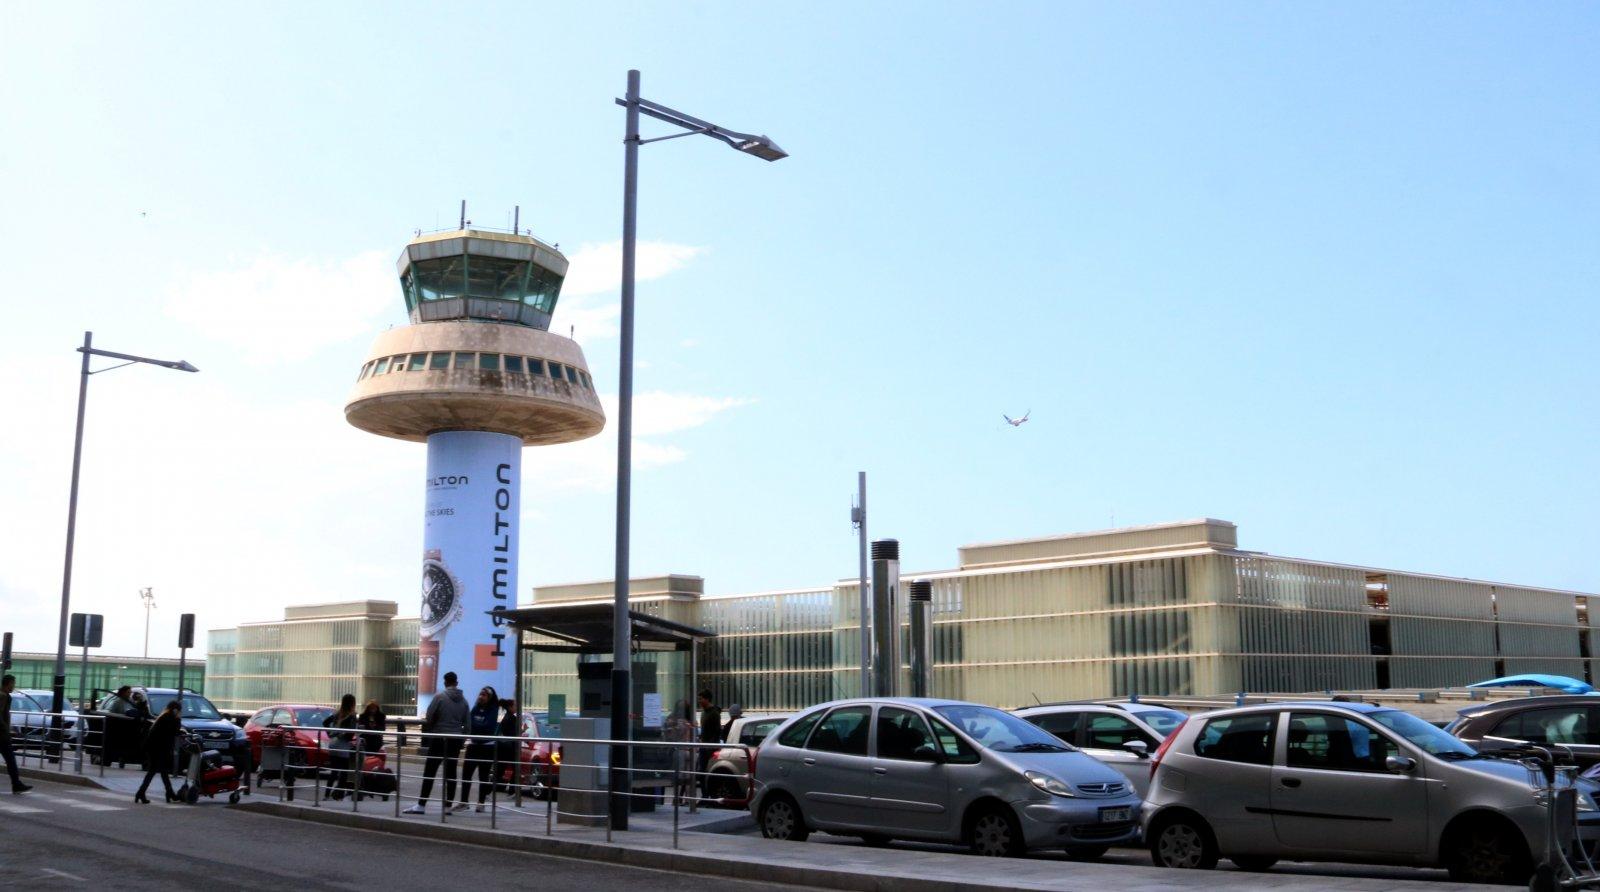 La Terminal T1 de l'aeroport de Barcelona-El Prat